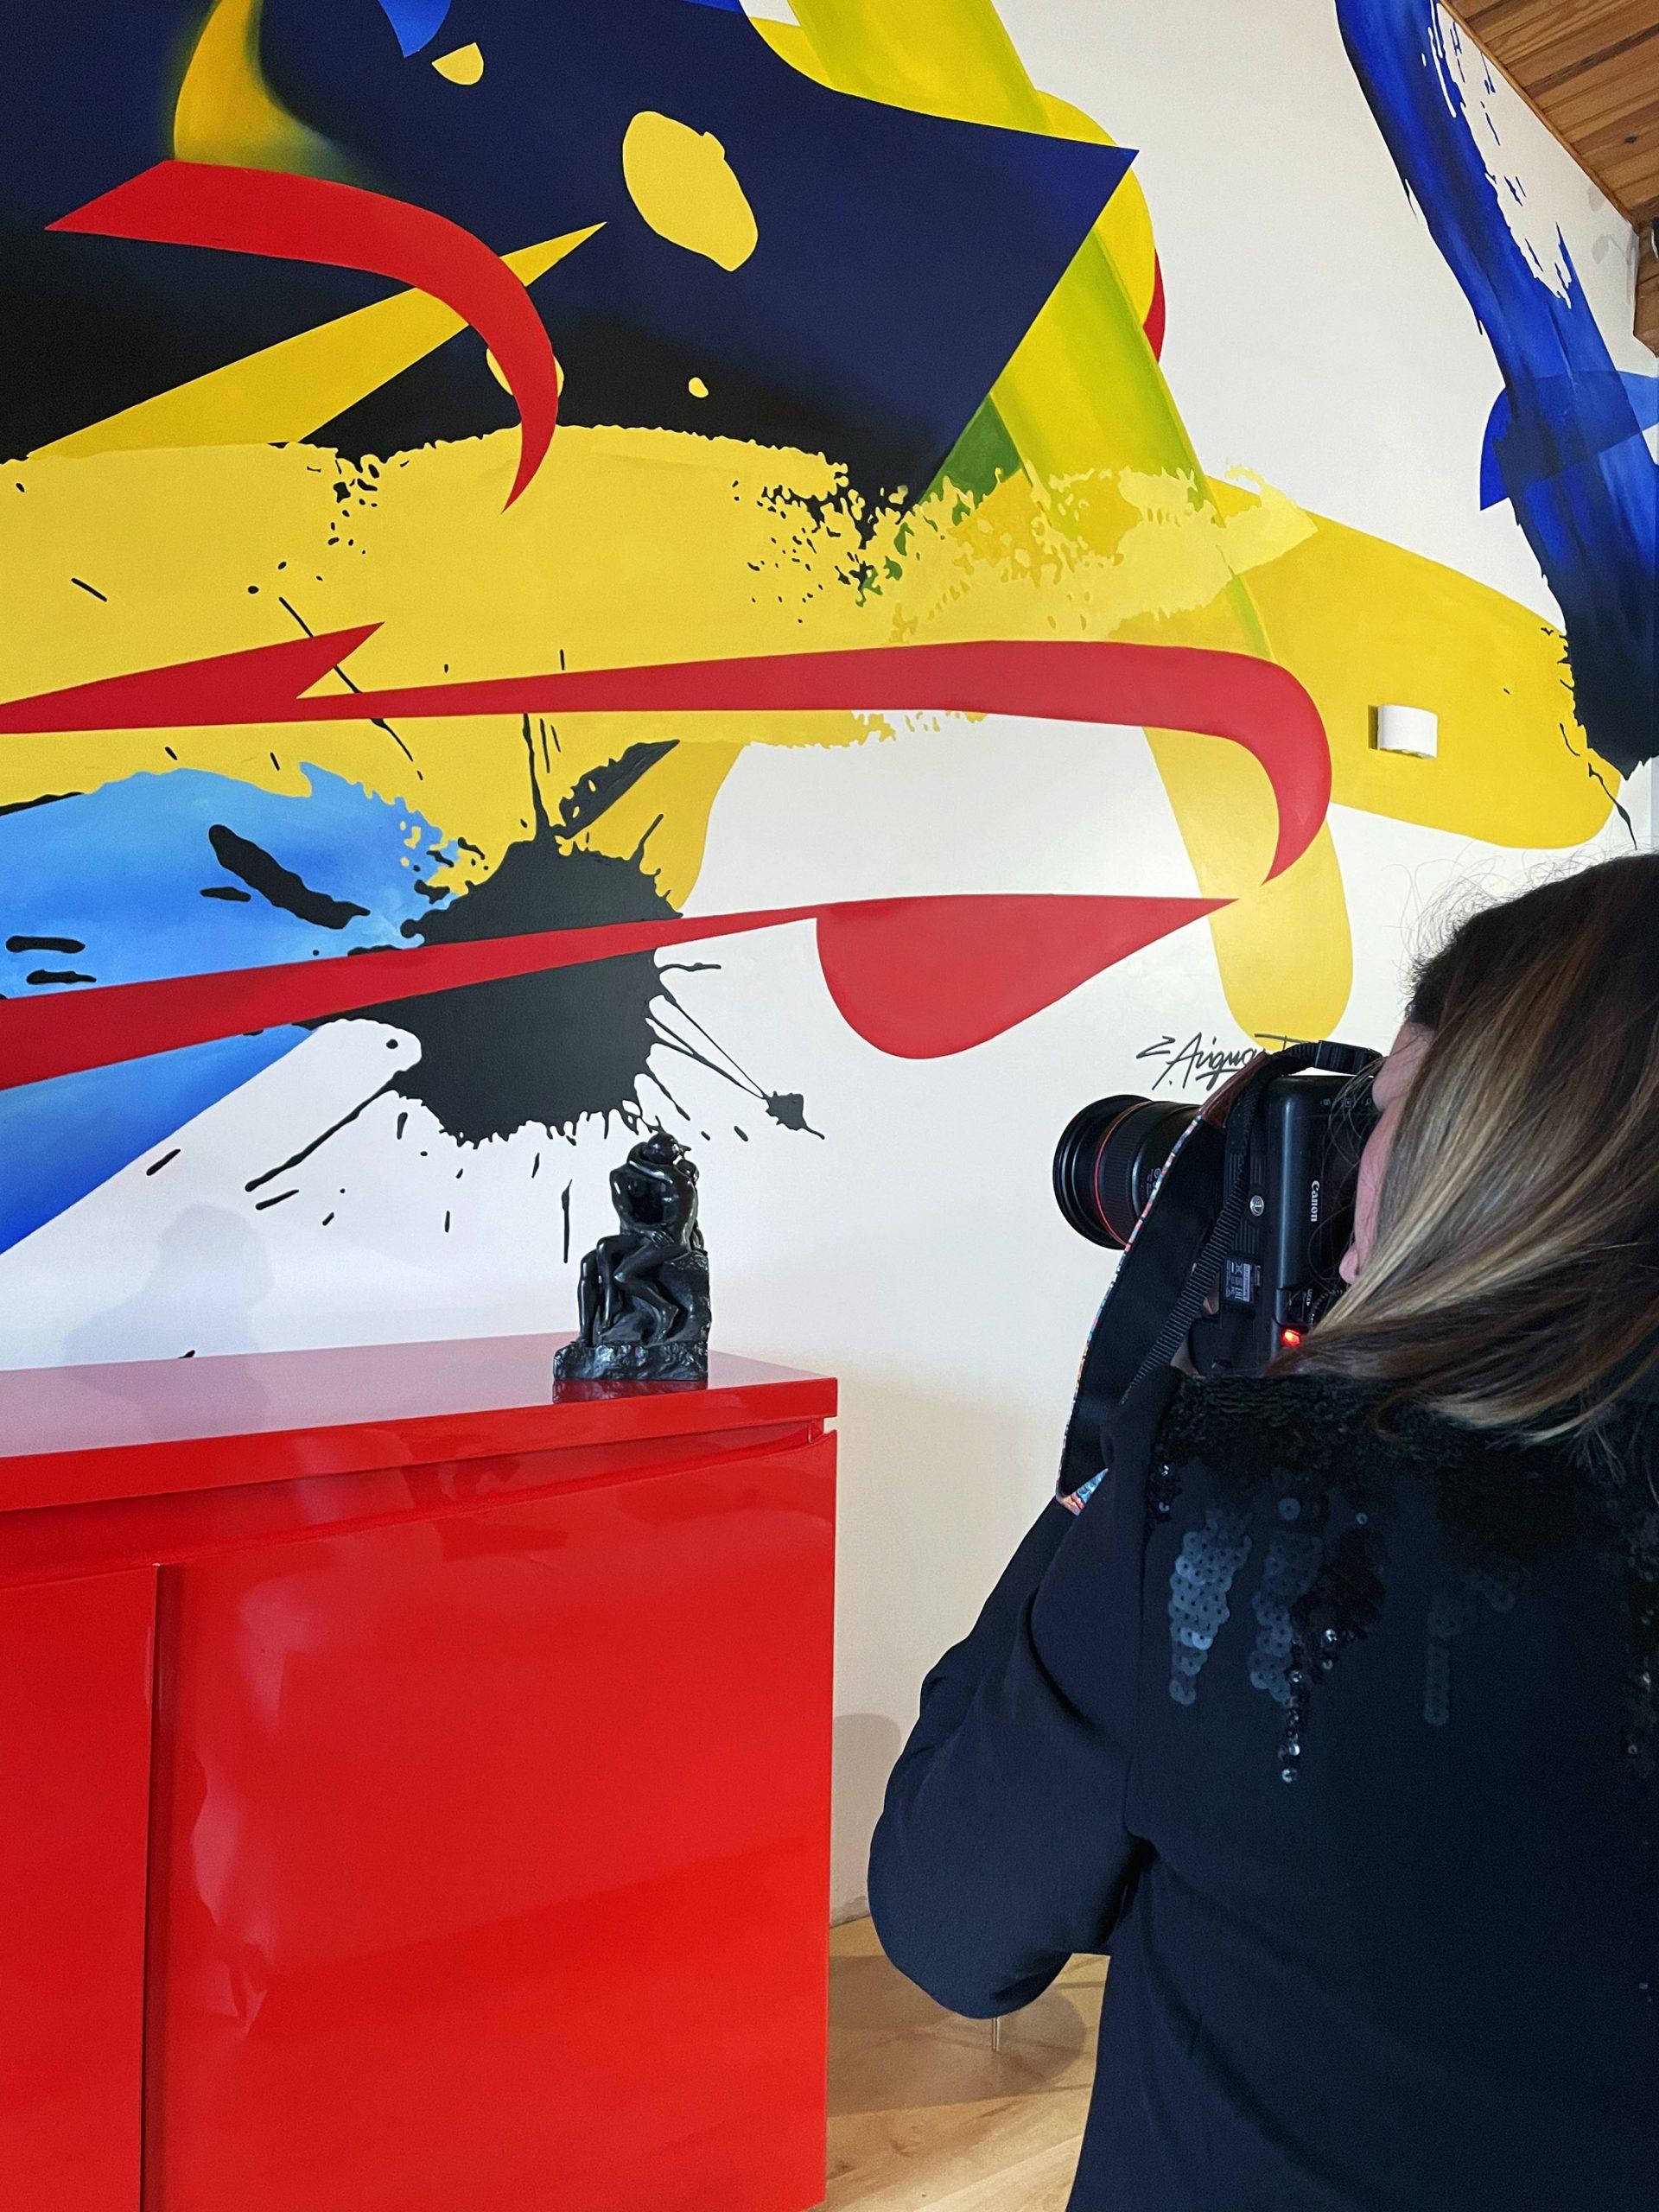 Fresque-graffeur-toulouse-design-contemporain-artiste-julien-avignon